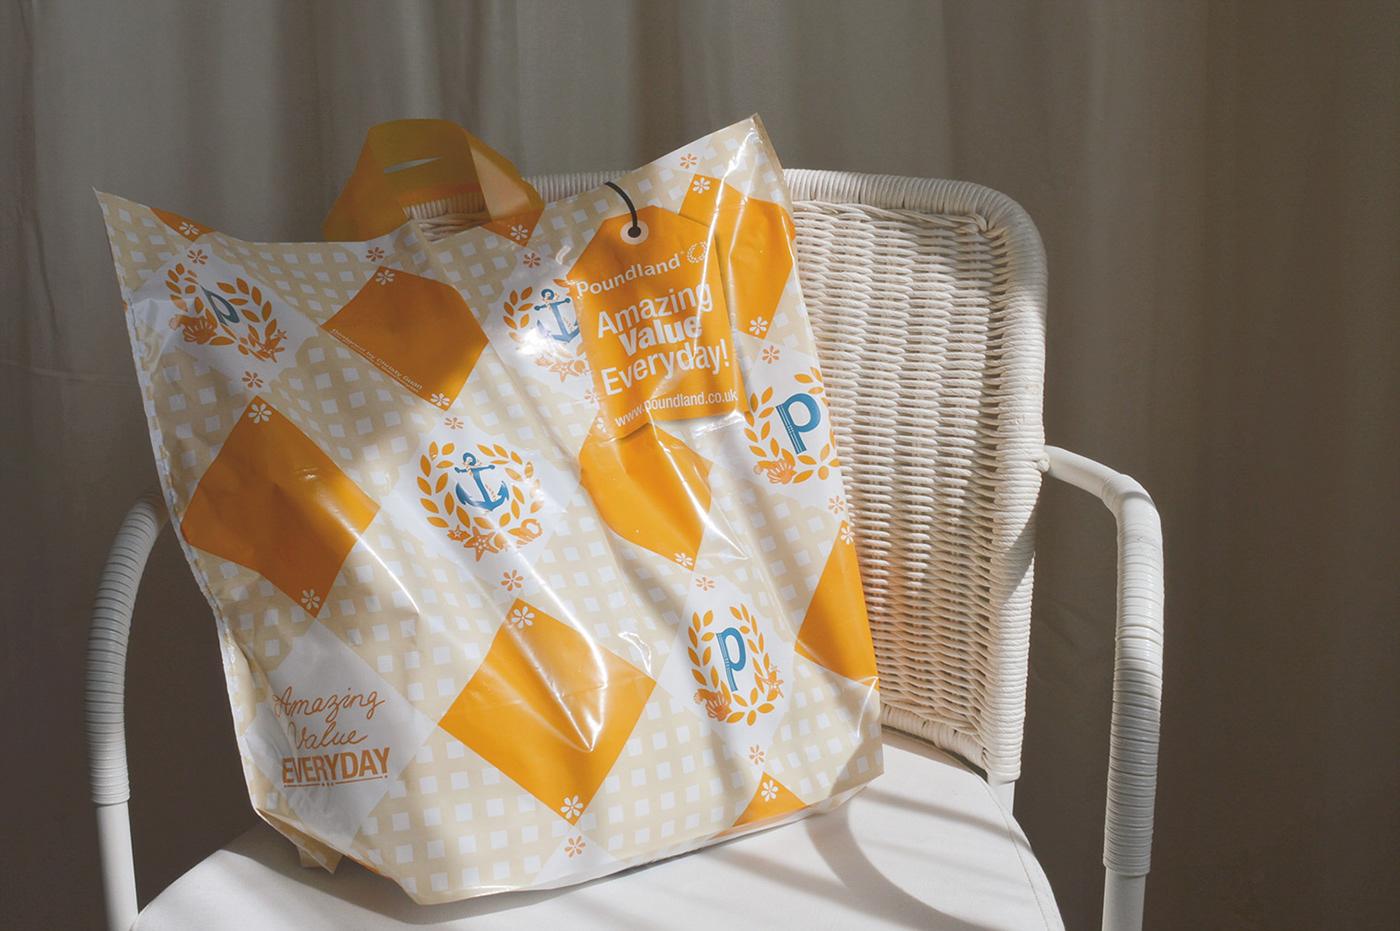 Poundland shopping bag 2015